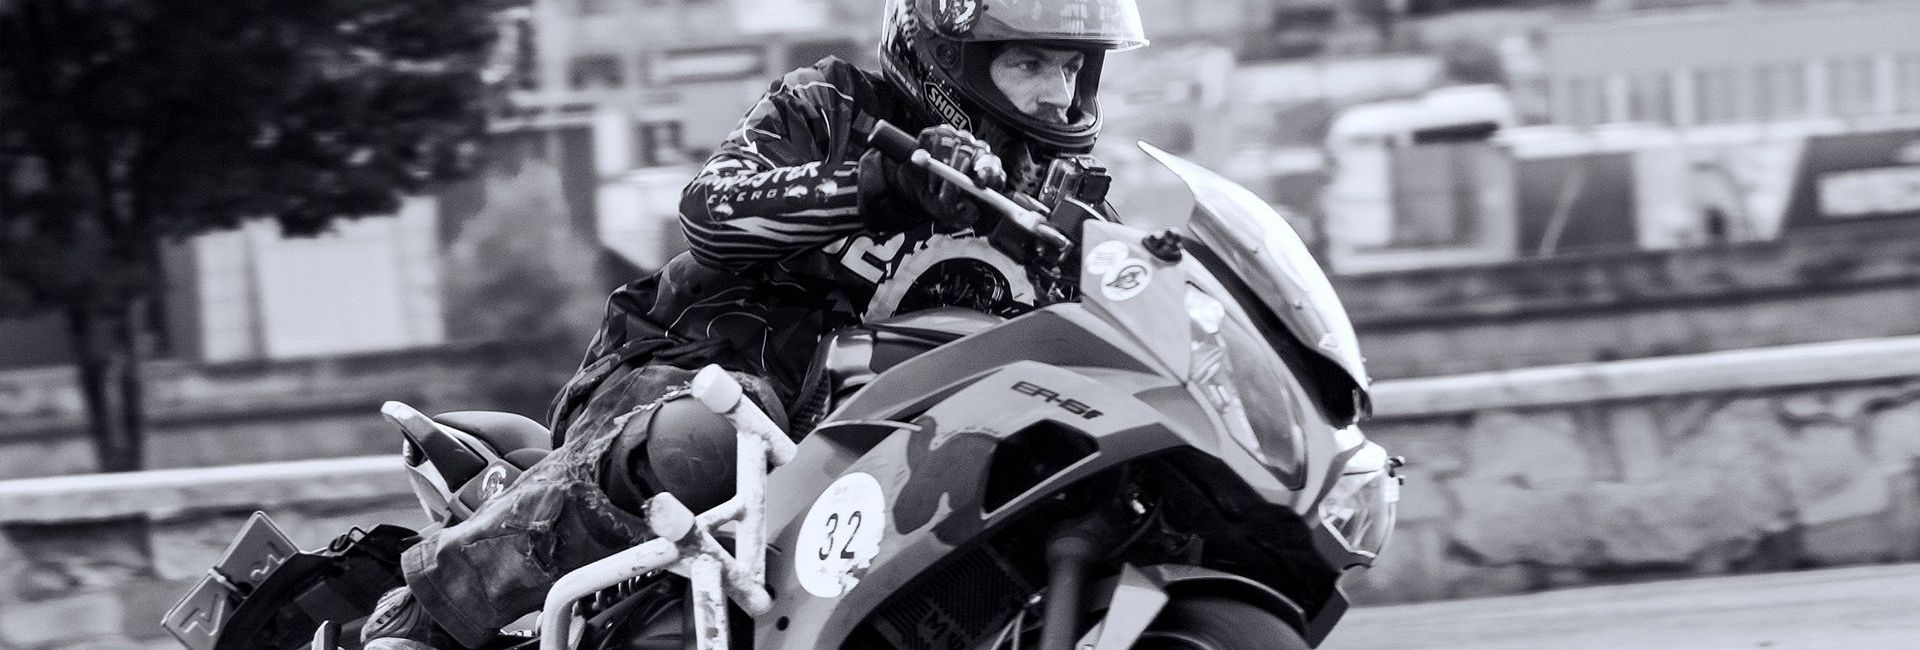 Руководитель мотошколы - профессиональный мотоспортсмен